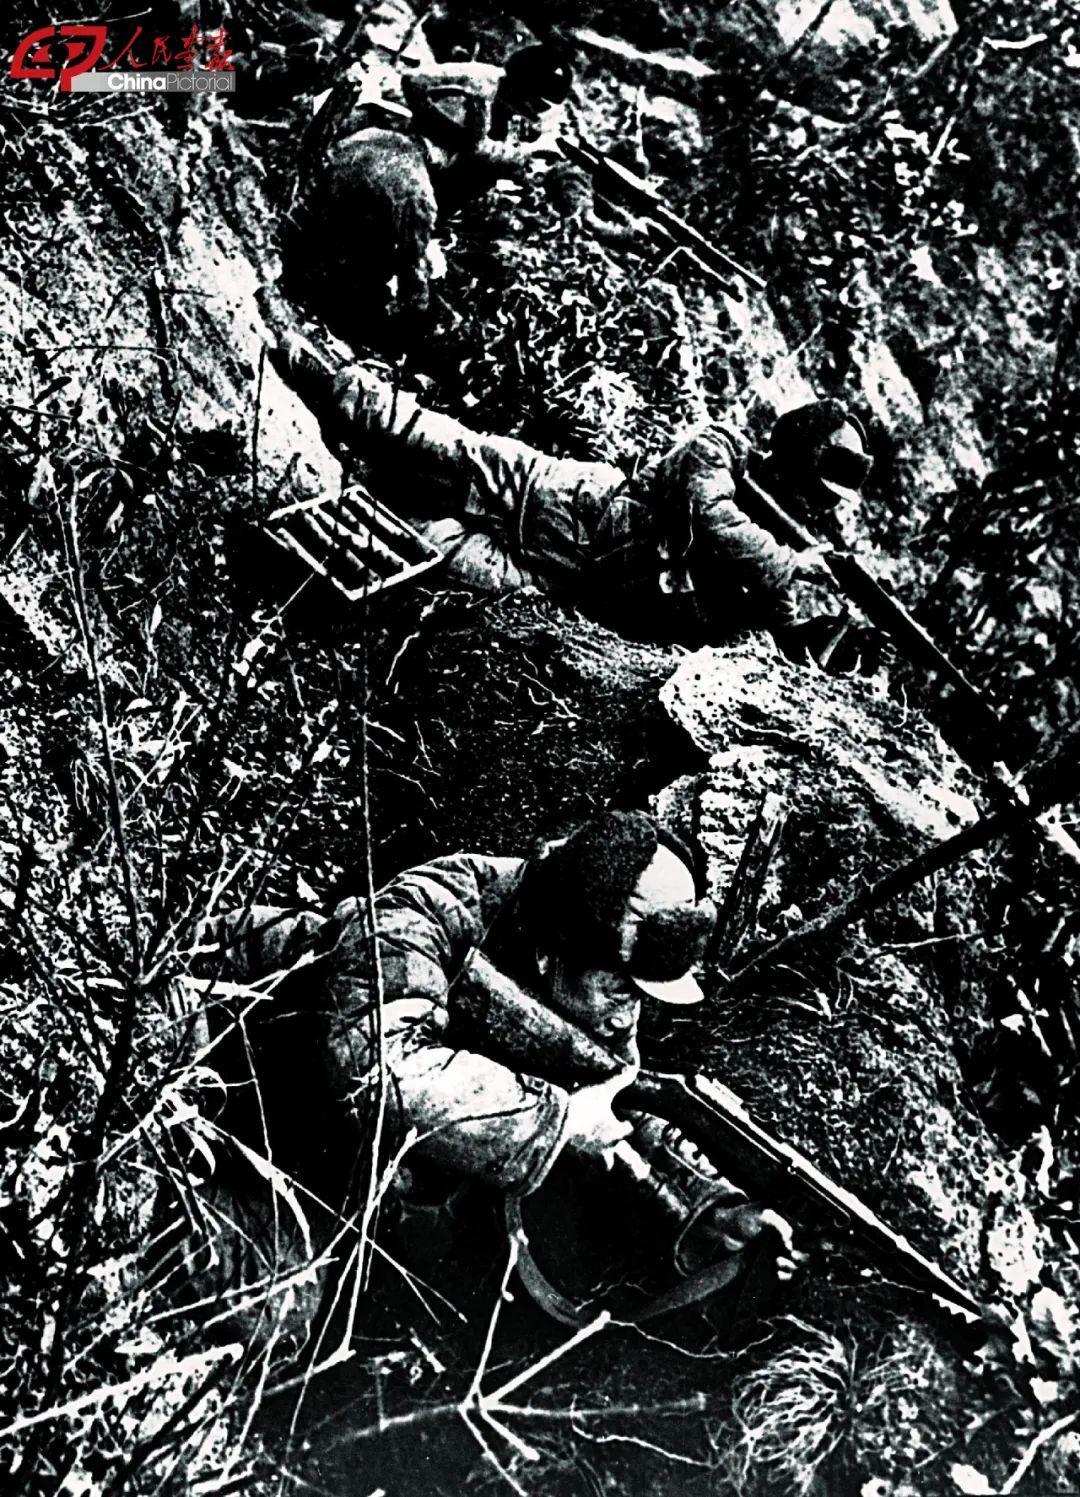 志愿军战士坚守在上甘岭阵地上。 图片来源:人民画报